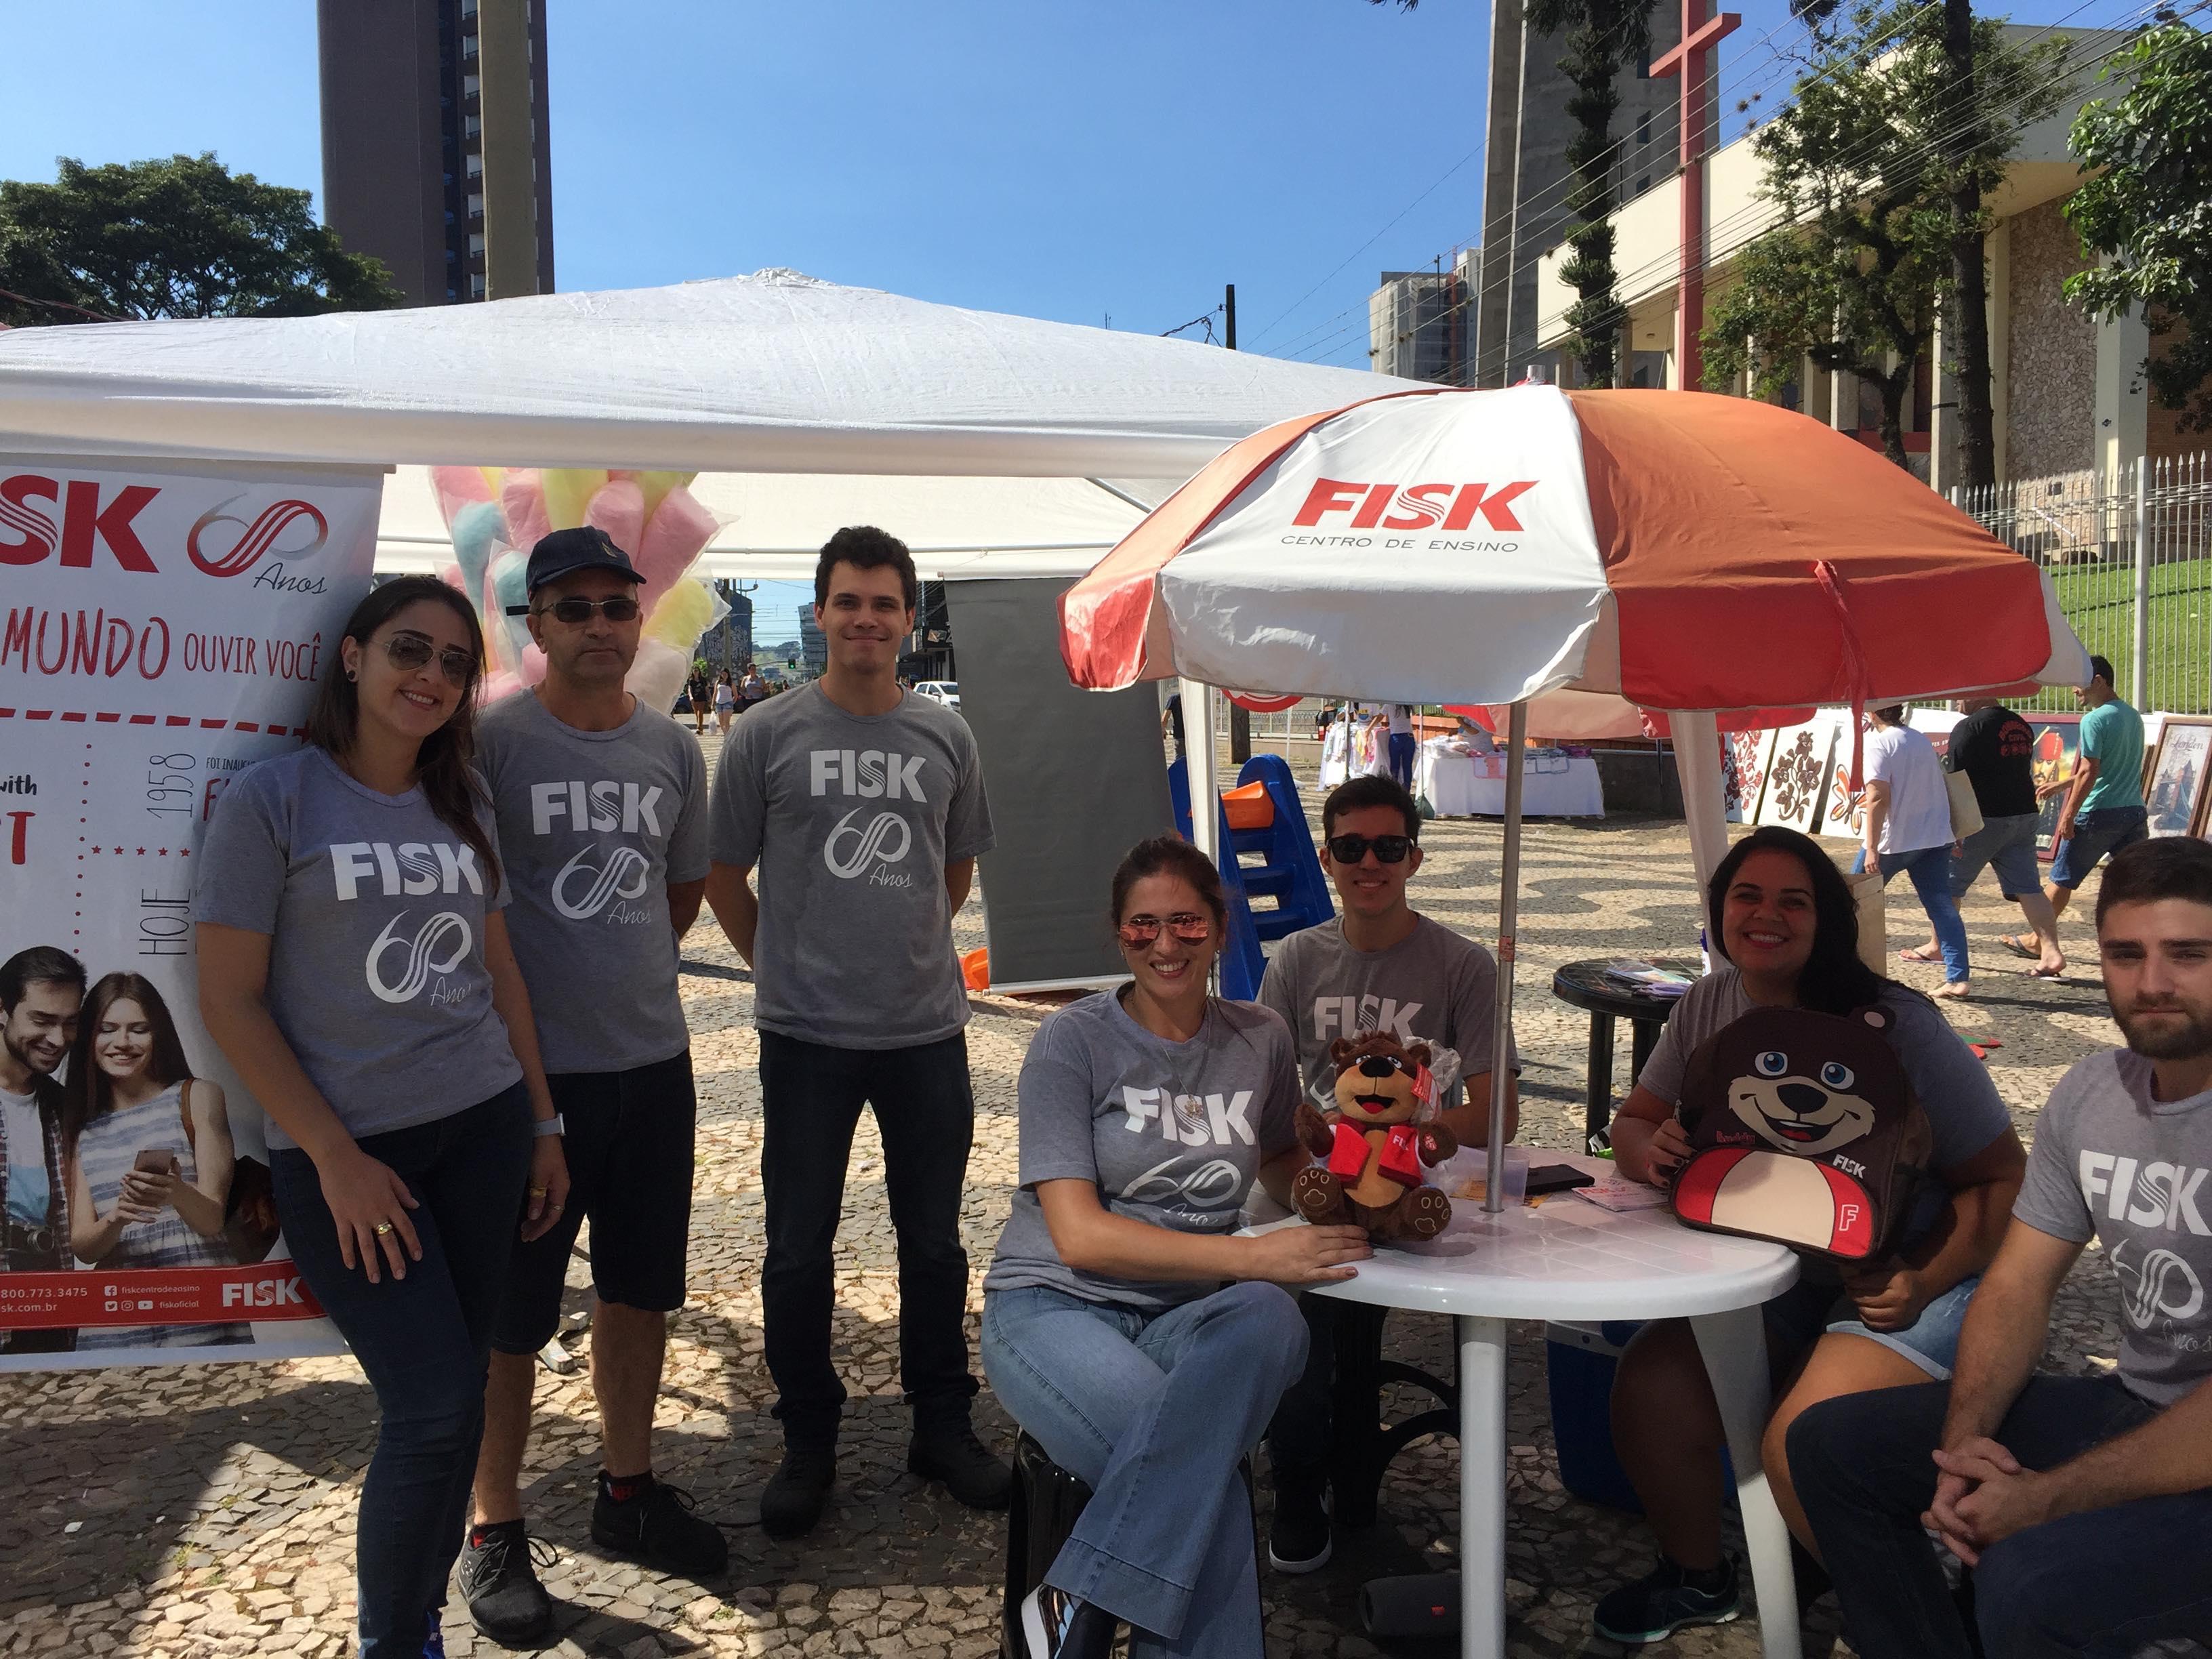 Fisk Francisco Beltrão/PR - Divulgação na praça